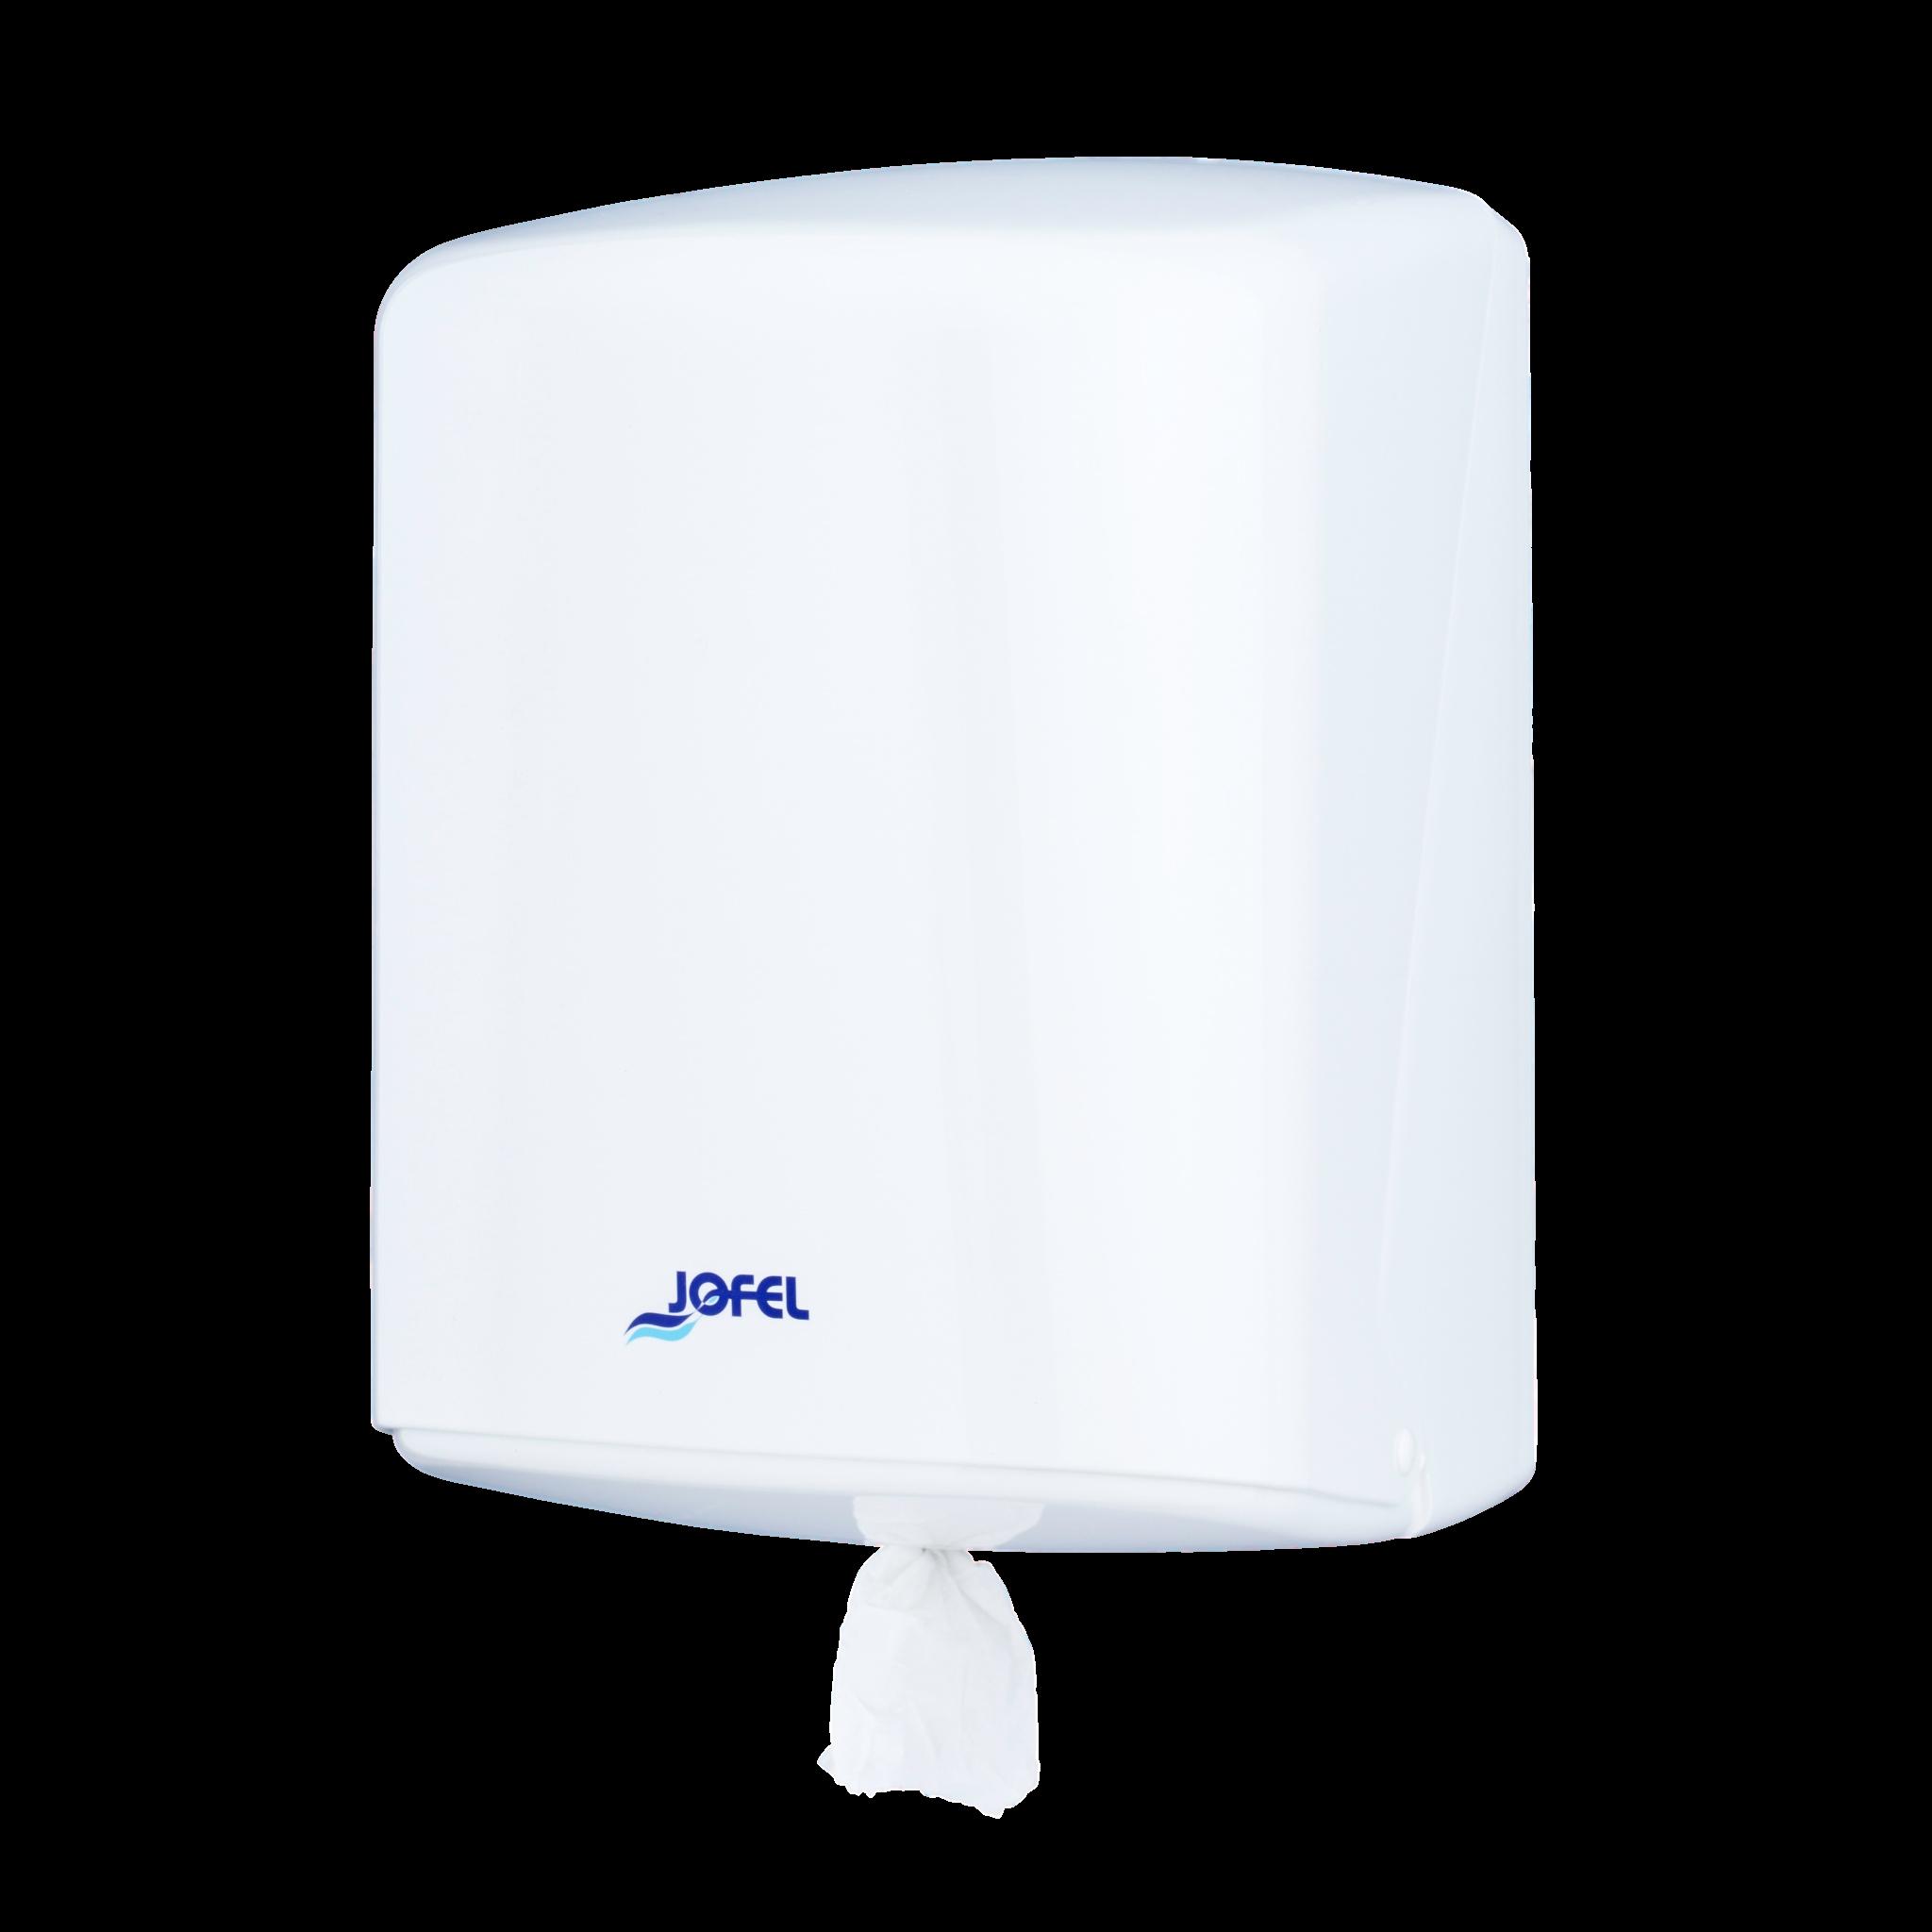 Πλαστική θήκη για ρολό Center pull Jofel Azur white AG40000